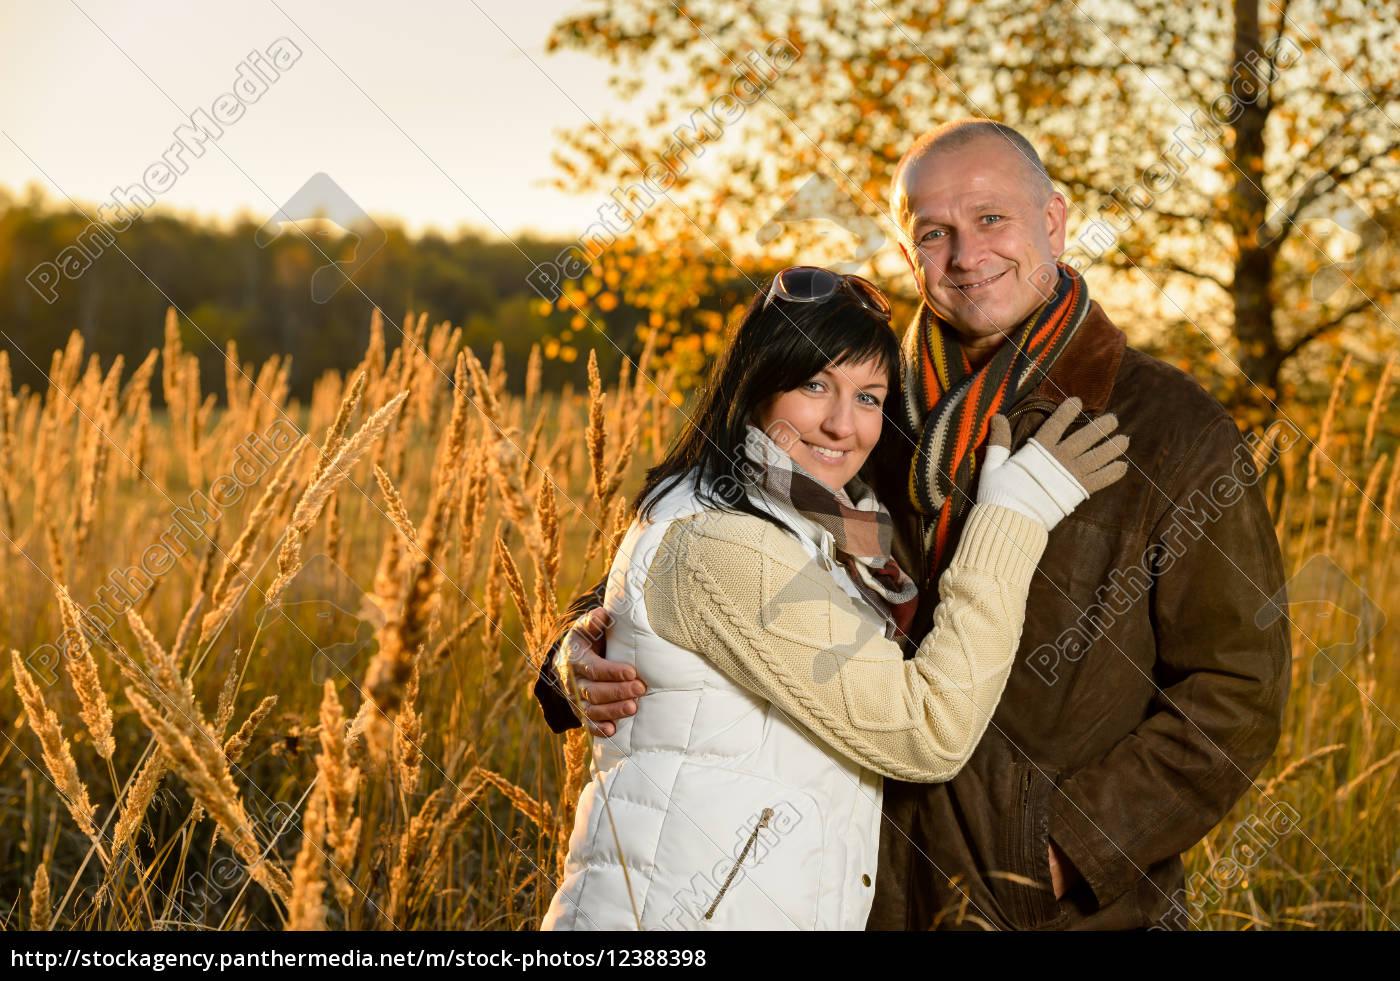 pareja, abrazándose, en, el, campo, atardecer - 12388398